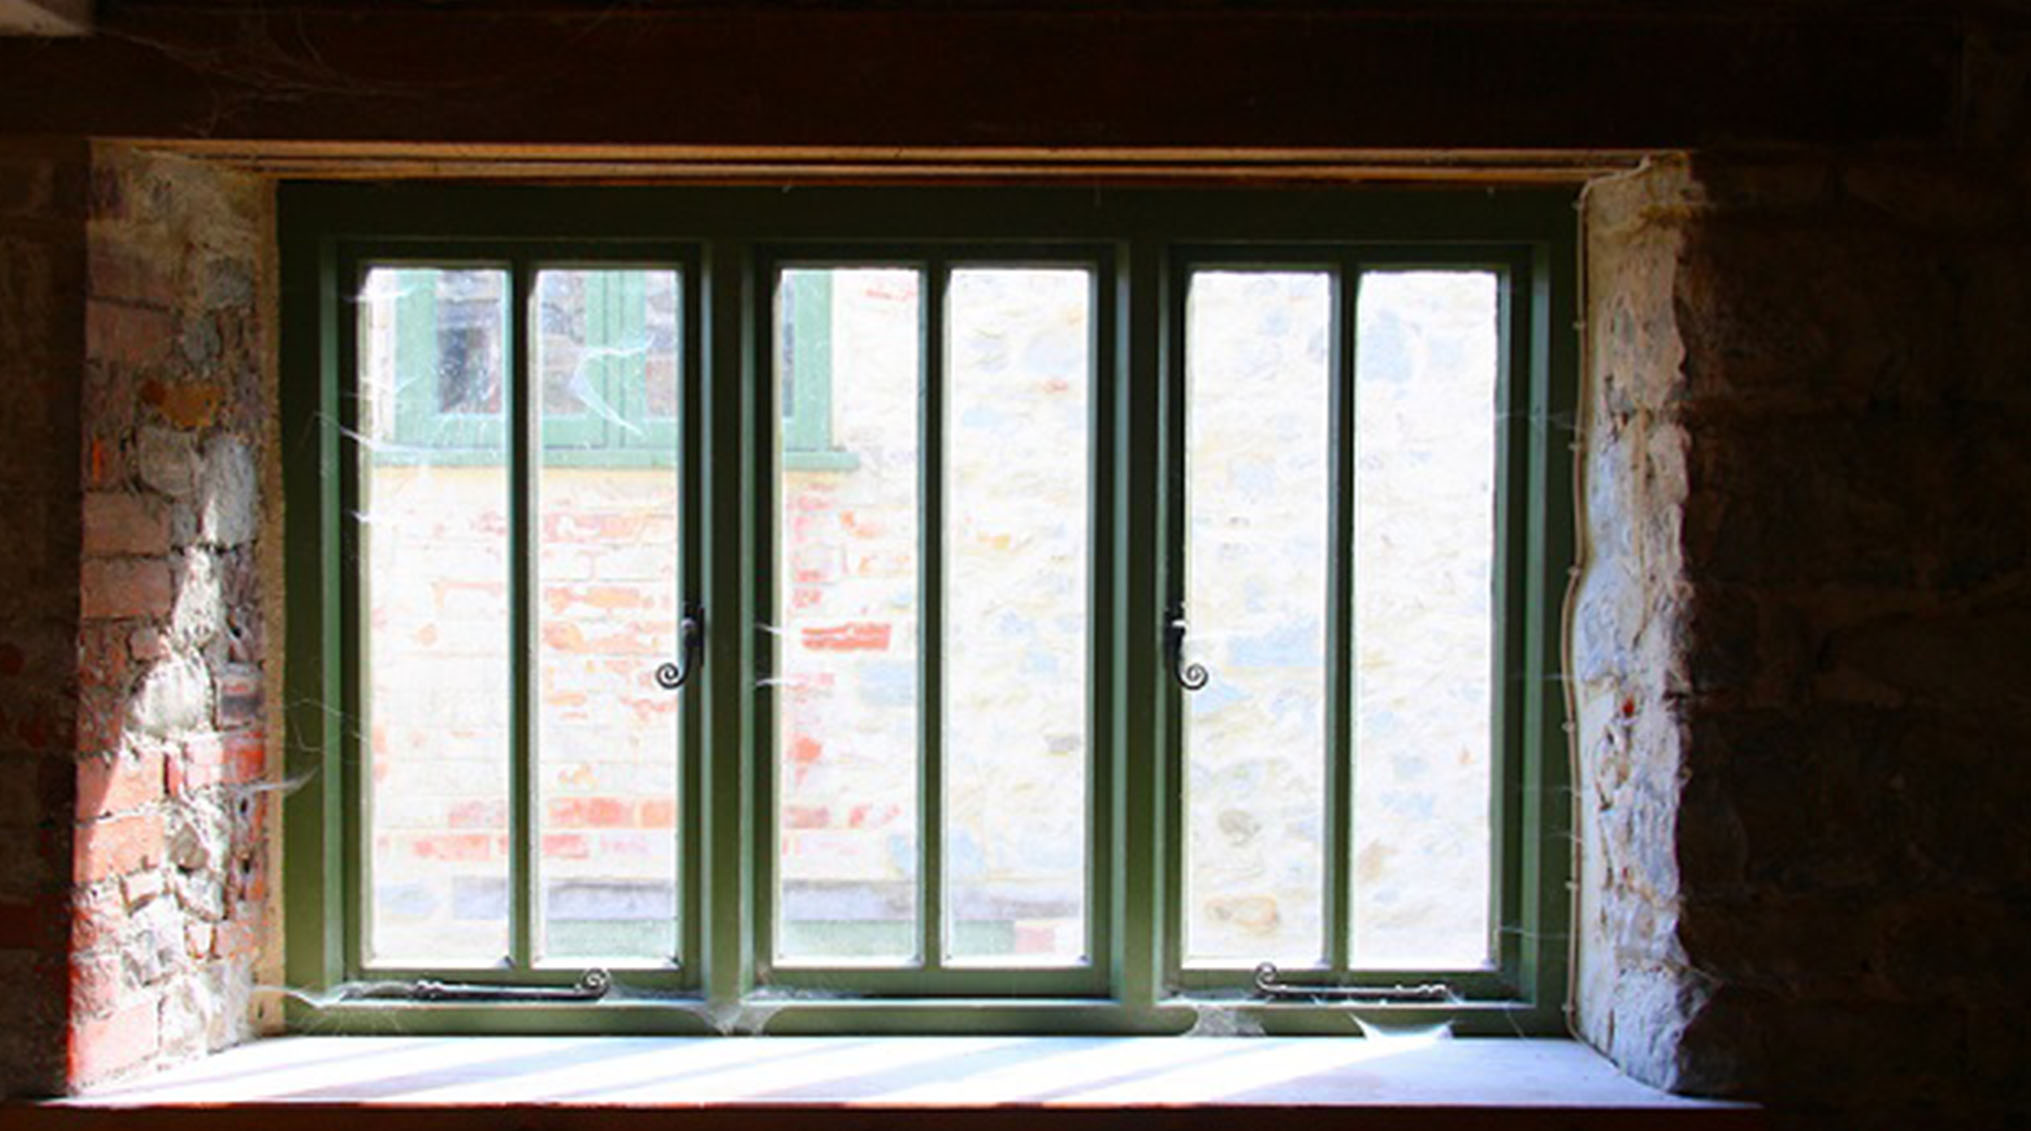 بازسازی آپارتمان؛ درزگیری پنجره